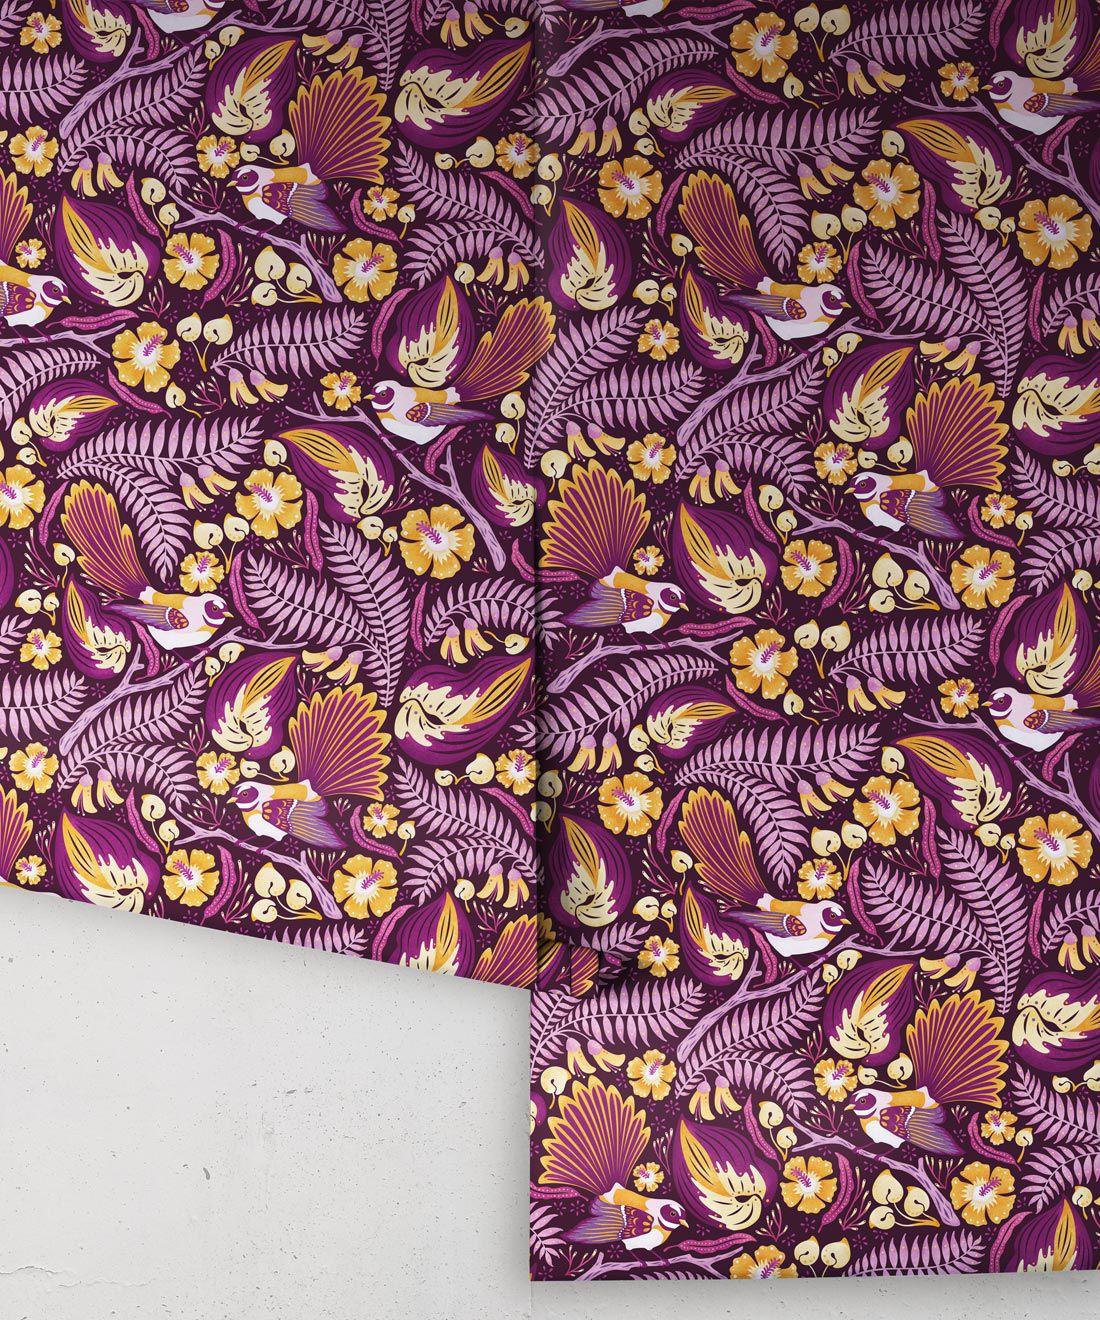 Faintails Wallpaper • New Zealand • Bird Wallpaper • Kowhai Tree • Kowhai Flowers • Purple Wallpaper • Wallpaper Rolls